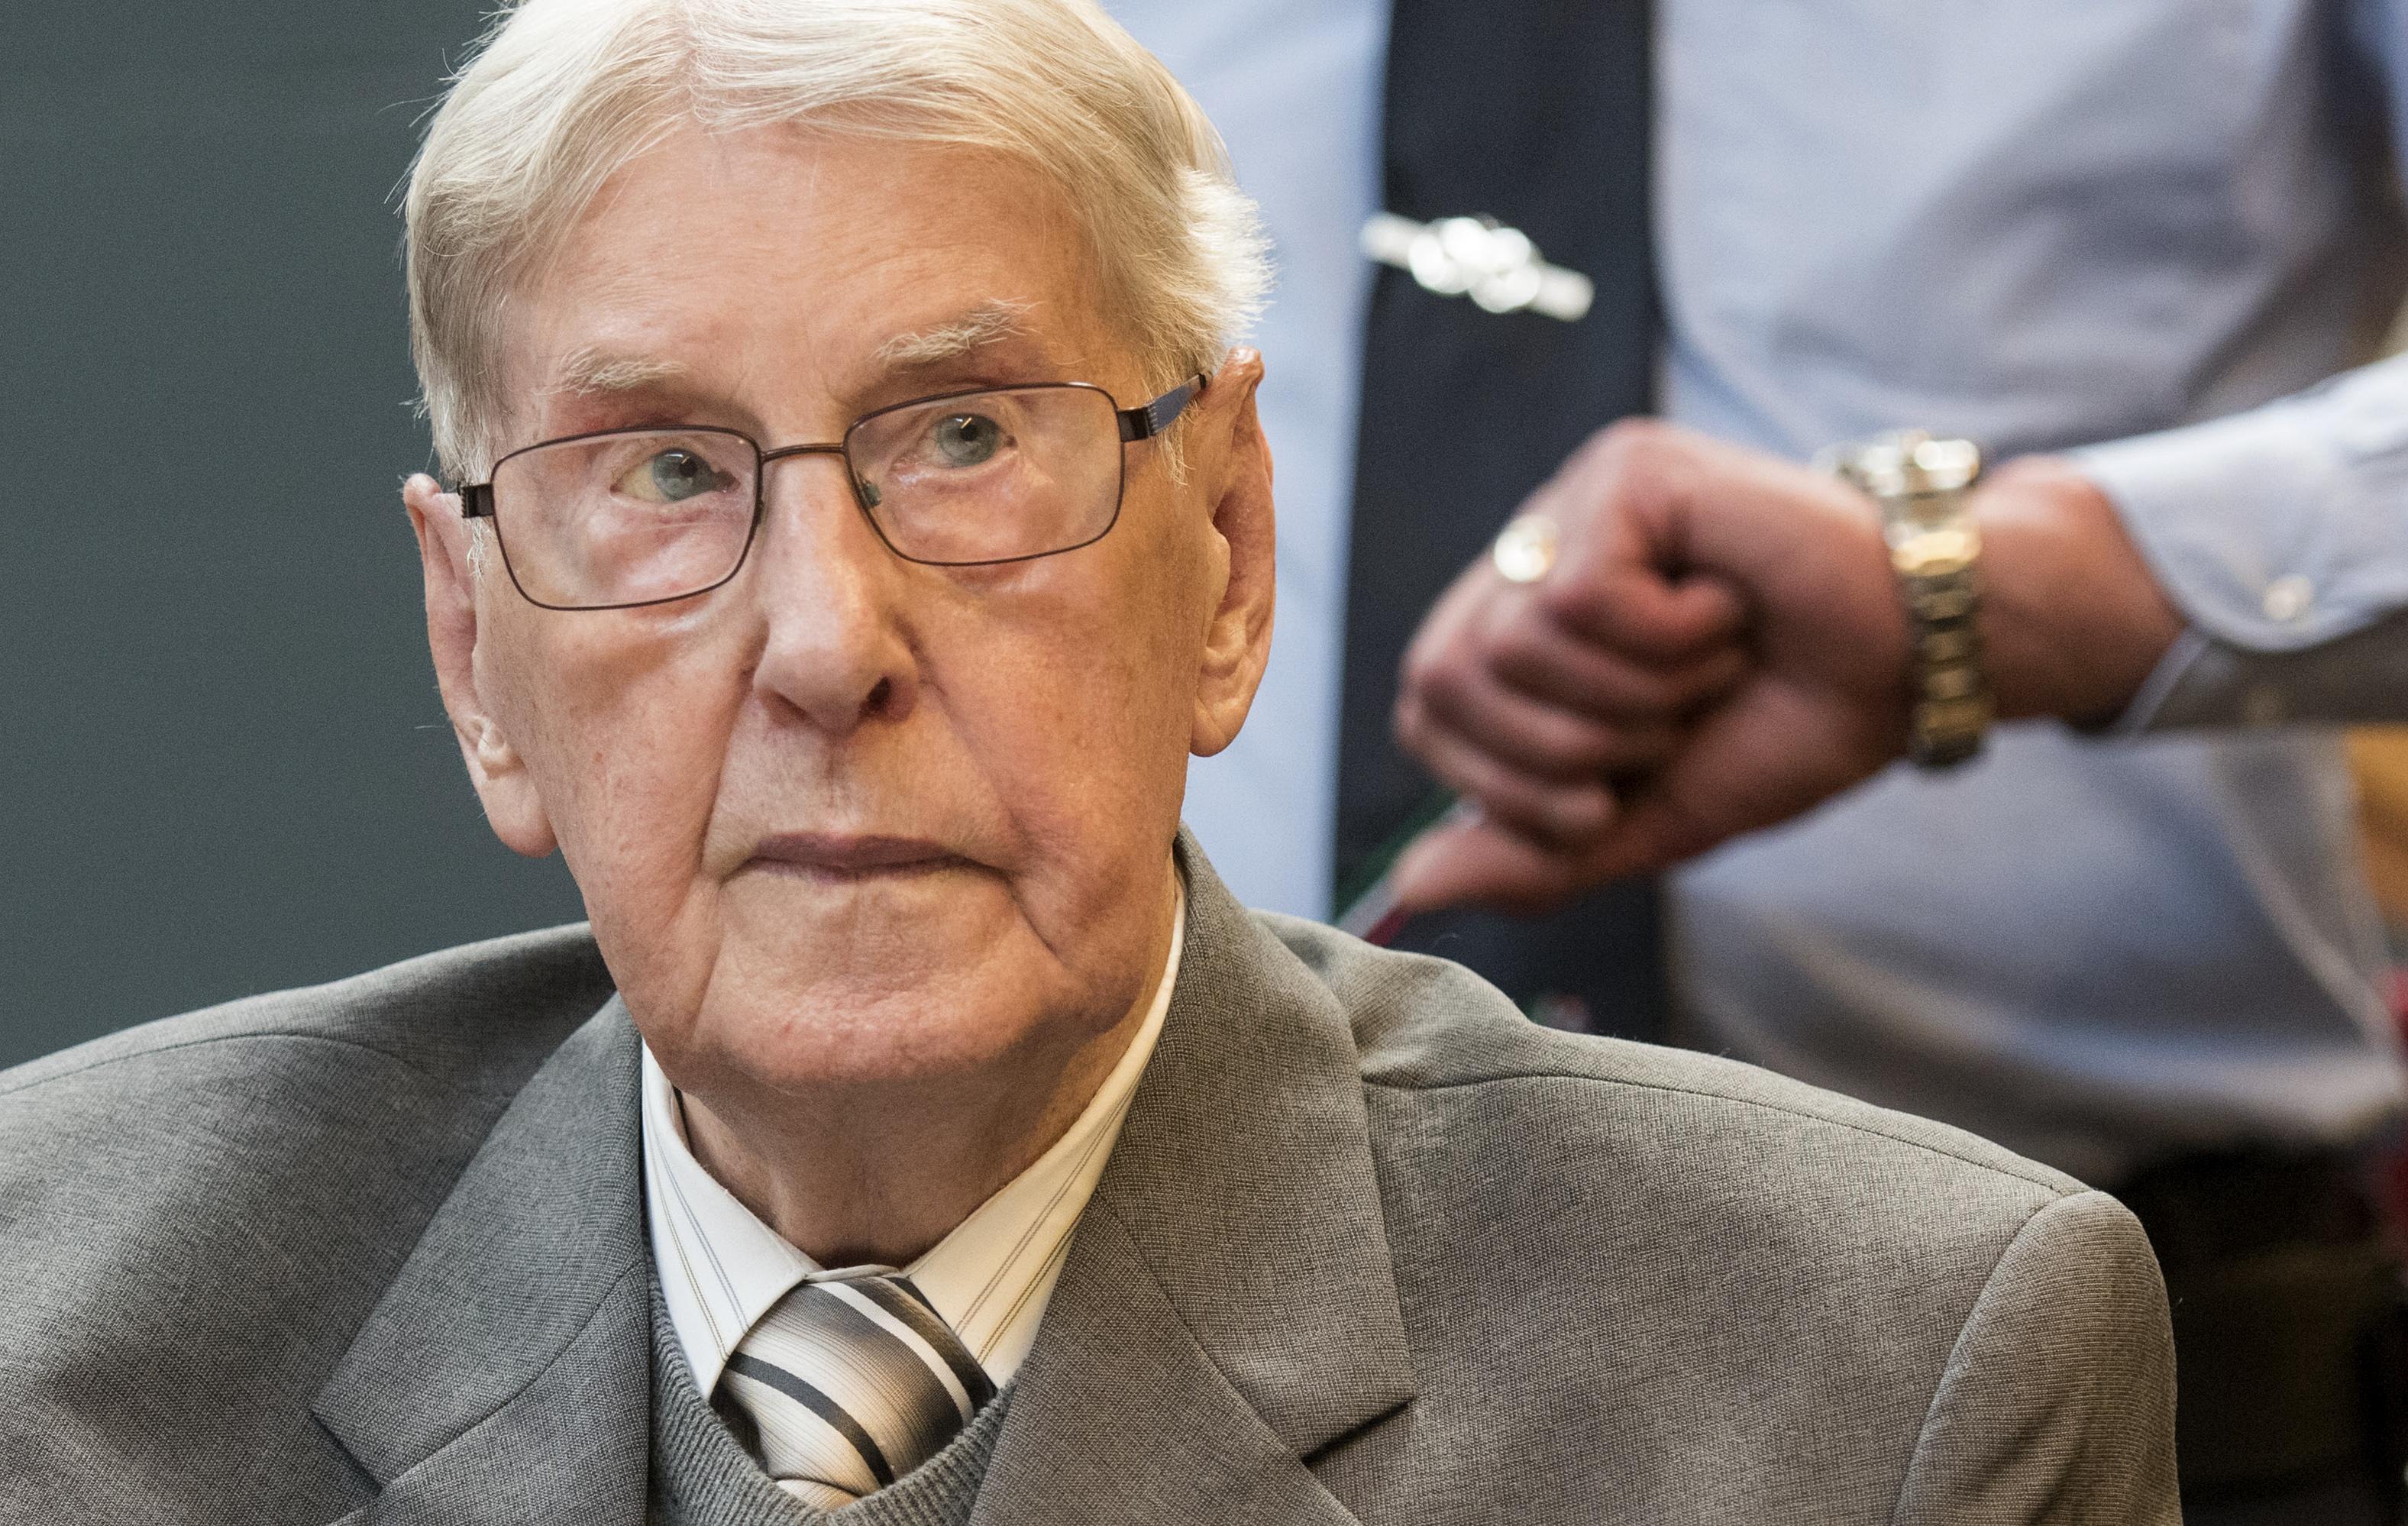 Reinhold Hanning waits for the verdict in Detmold, Germany.